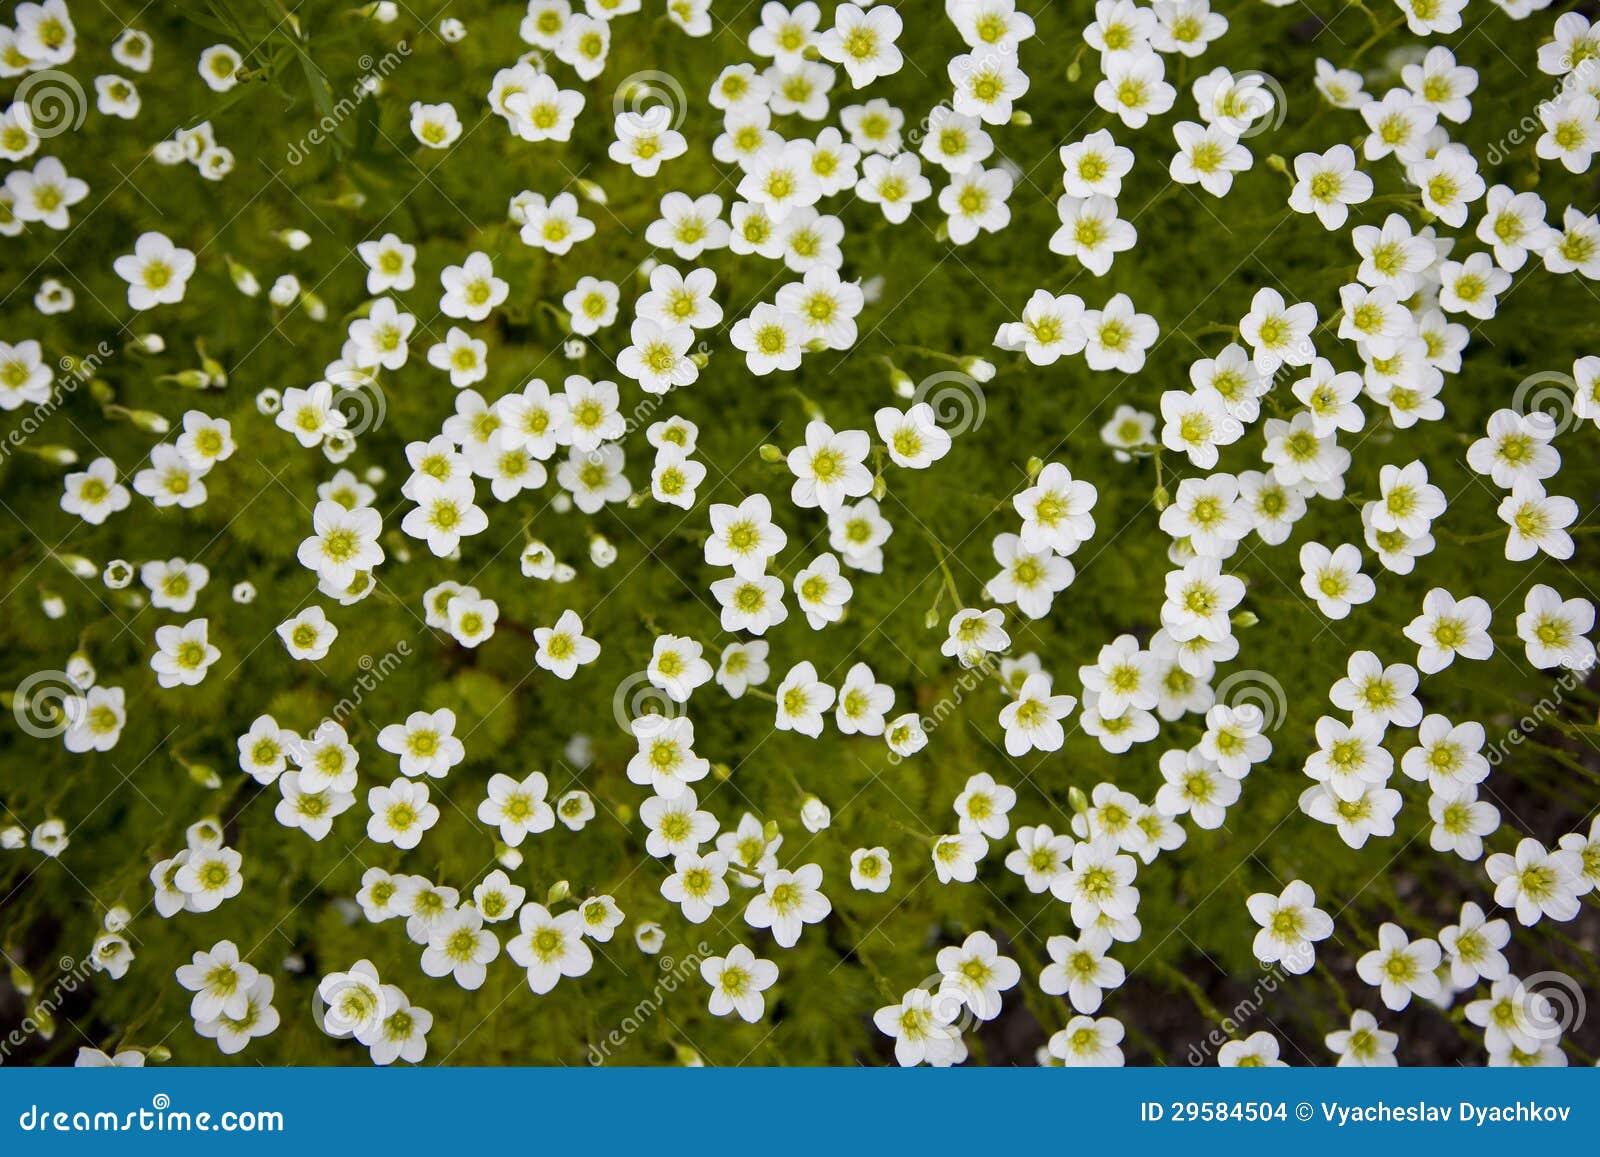 Het tapijt van kleine witte bloemen stock foto afbeelding 29584504 - Kleine ijdelheid eenheid ...